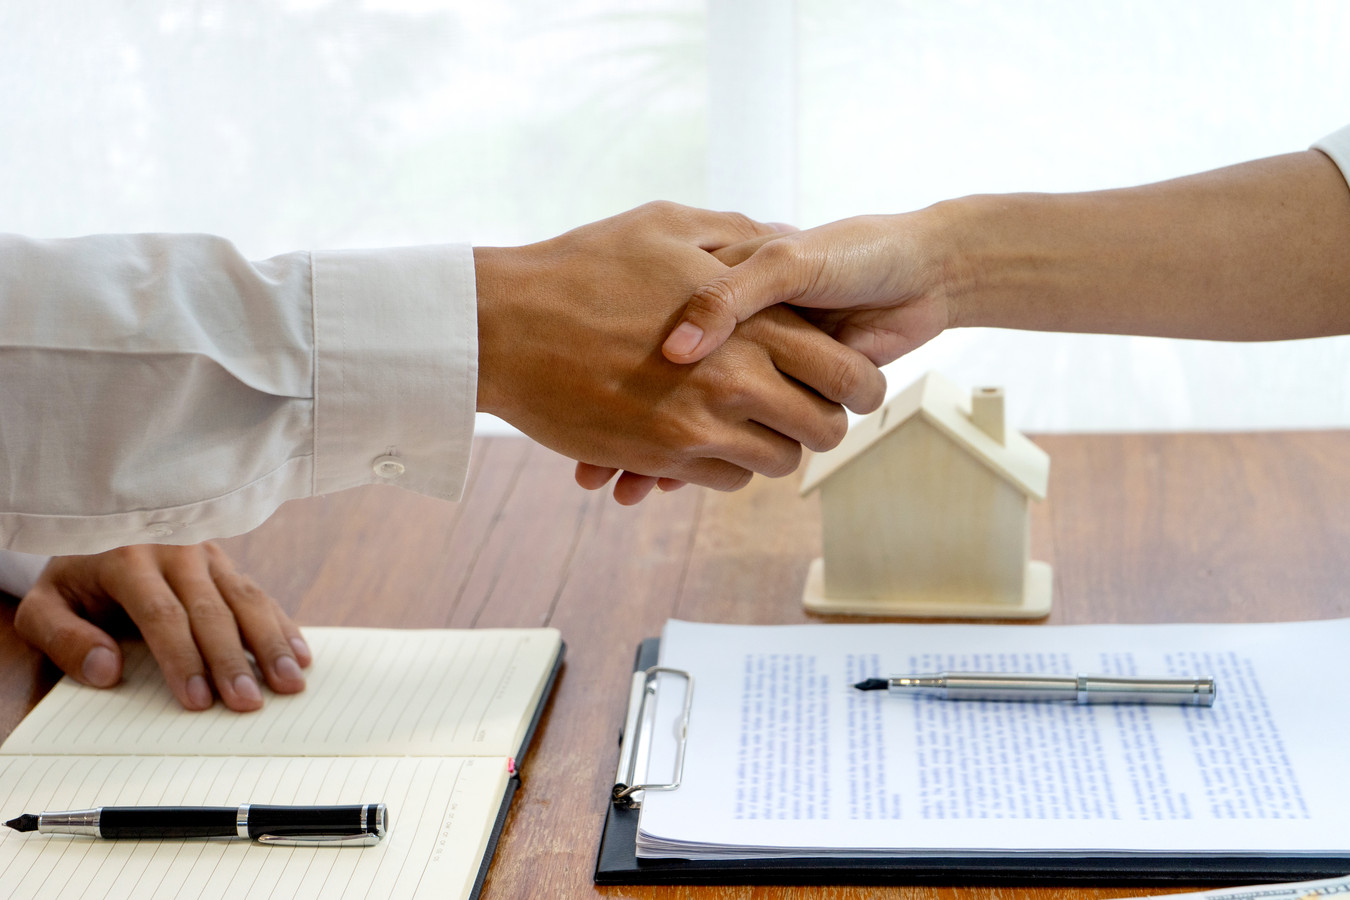 Vooral in de eerste maanden maken huizenkopers een grotere kans op een hypotheek, analyseert Independer.